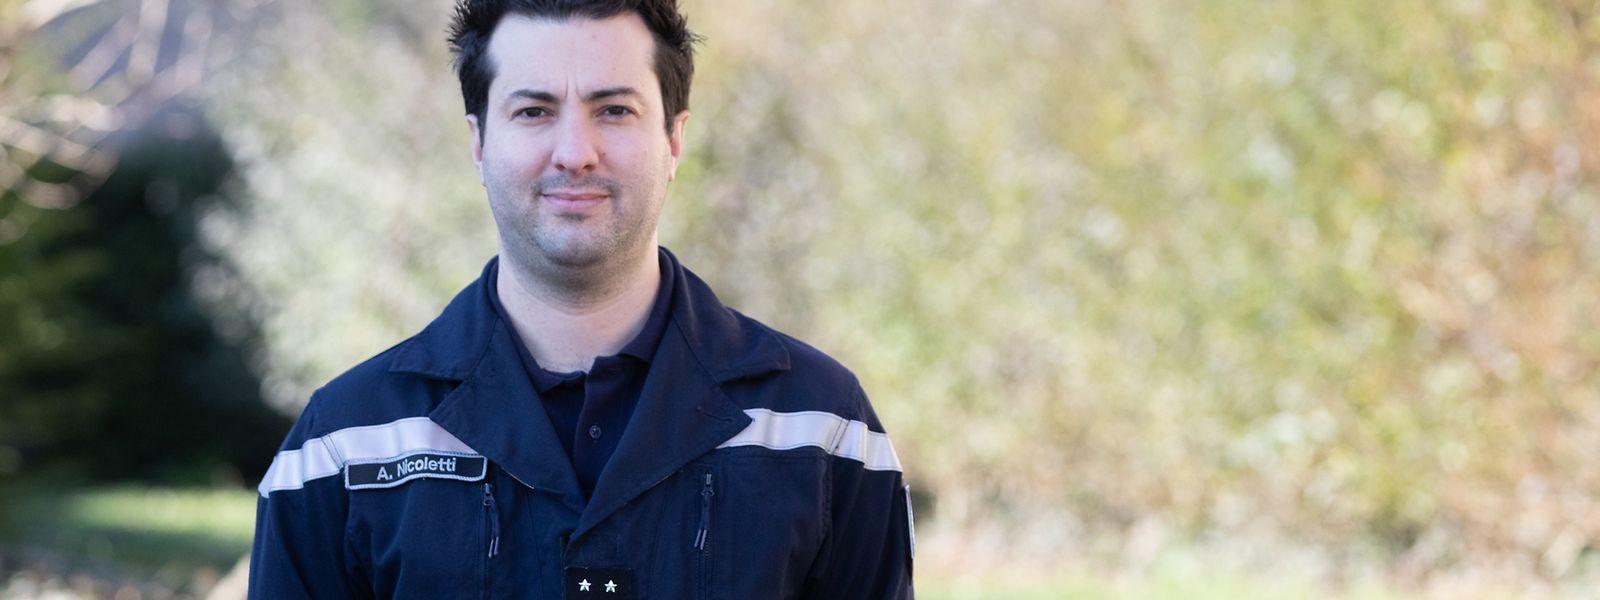 Andrea Nicoletti arbeitet hauptberuflich als Feuerwehrmann. Sein Einsatz geht aber darüber hinaus. Er ist freiwilliger Helfer im humanitären Interventionsteam.